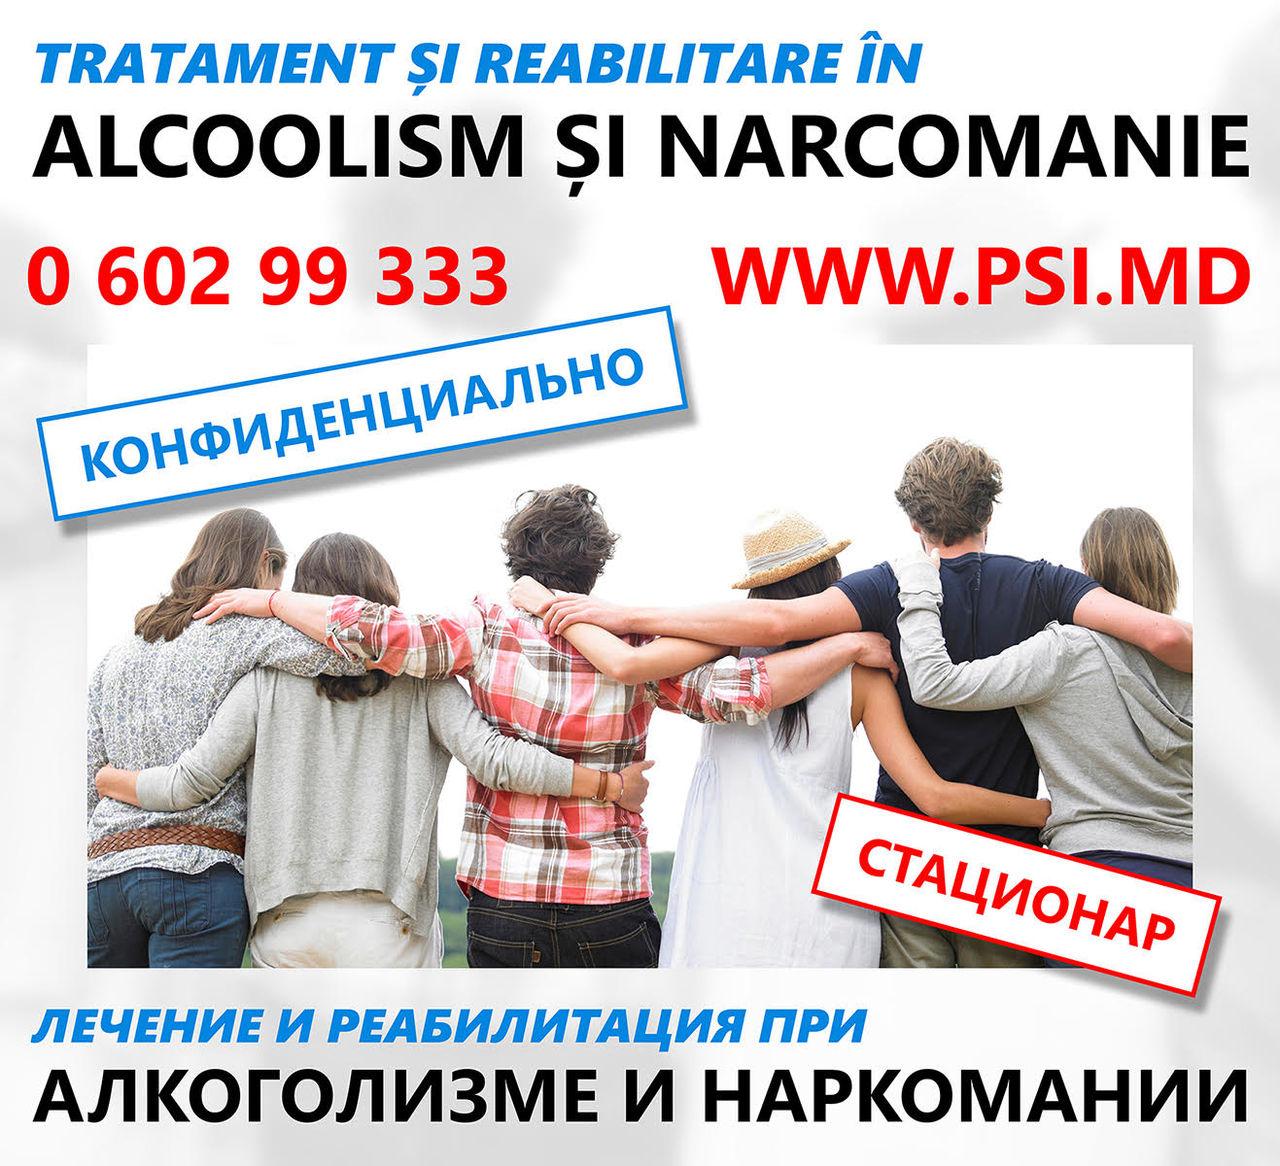 Реабилитационне центры по лечению алкоголизма в молдавии кодирование от алкоголизма северный округ